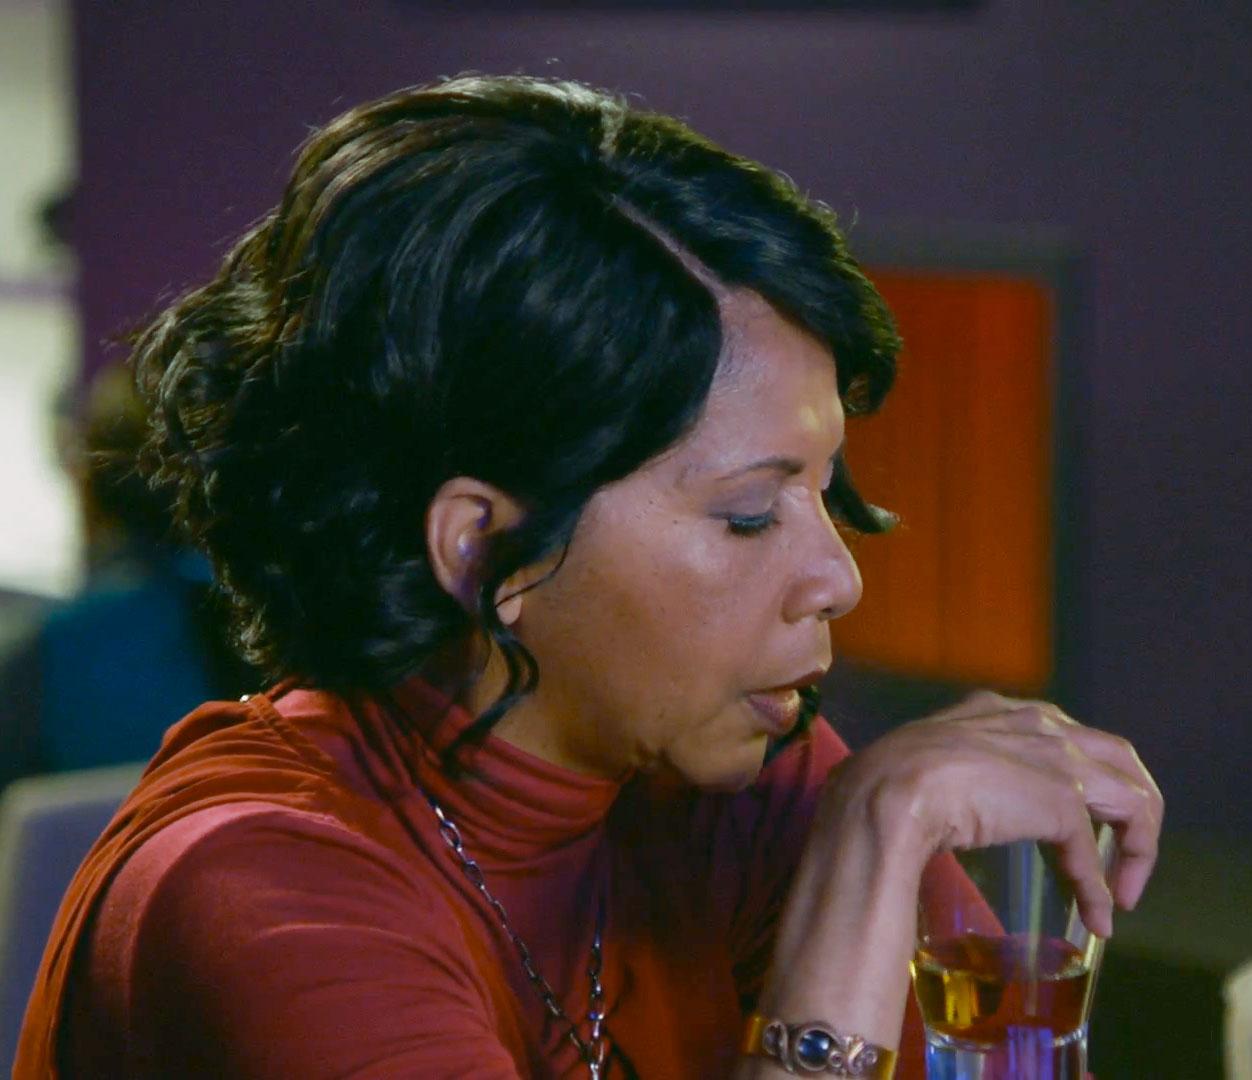 Copper cuff bracelet worn on The Orville season 2 episode 6